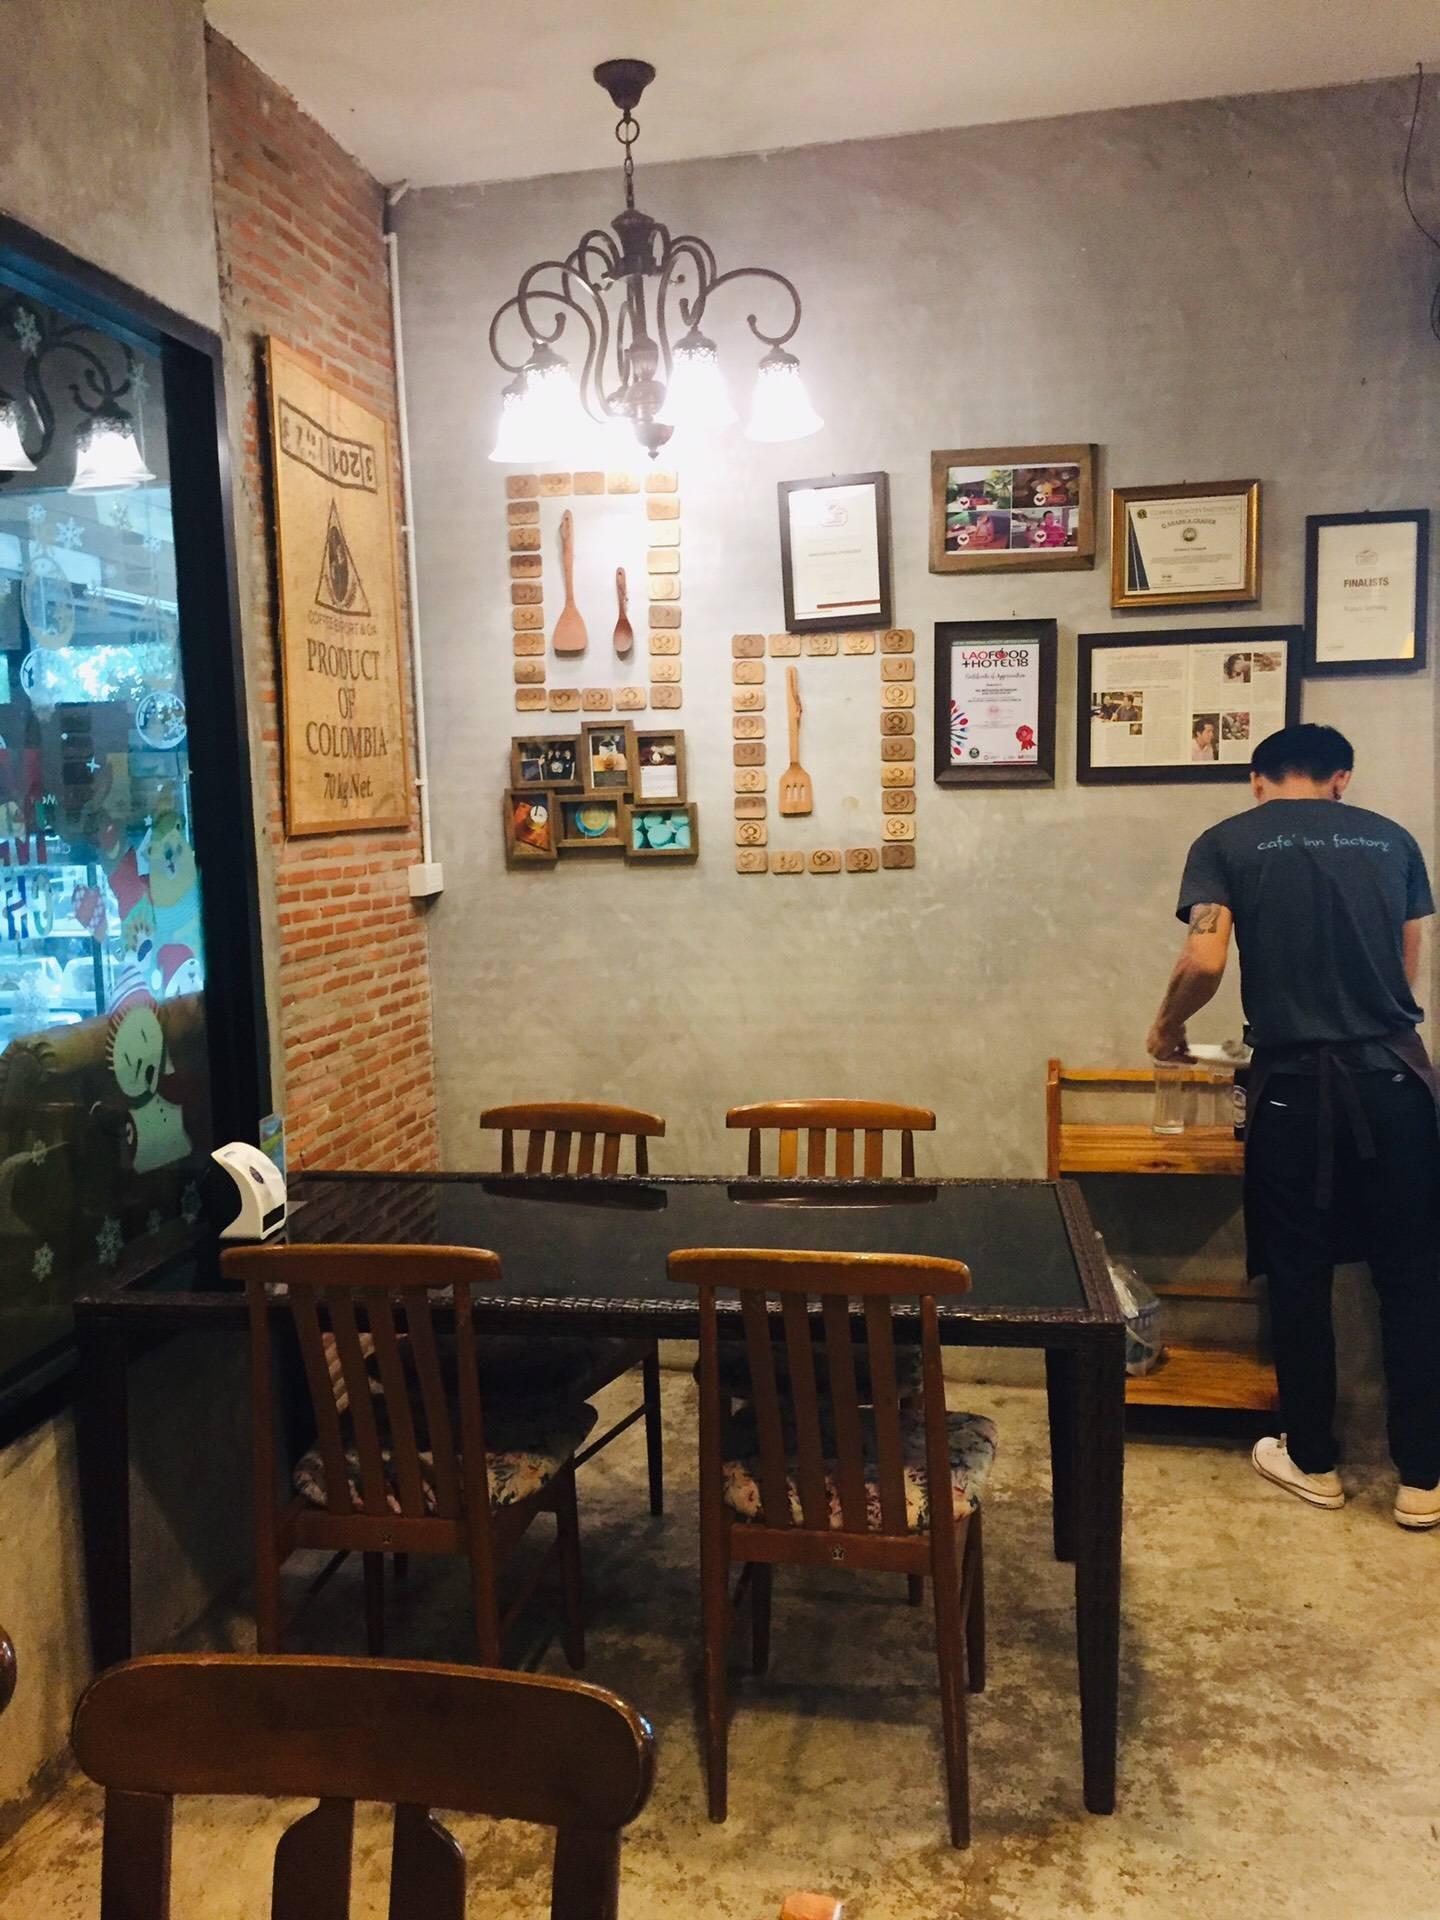 บรรยากาศ Cafe' Inn Factory